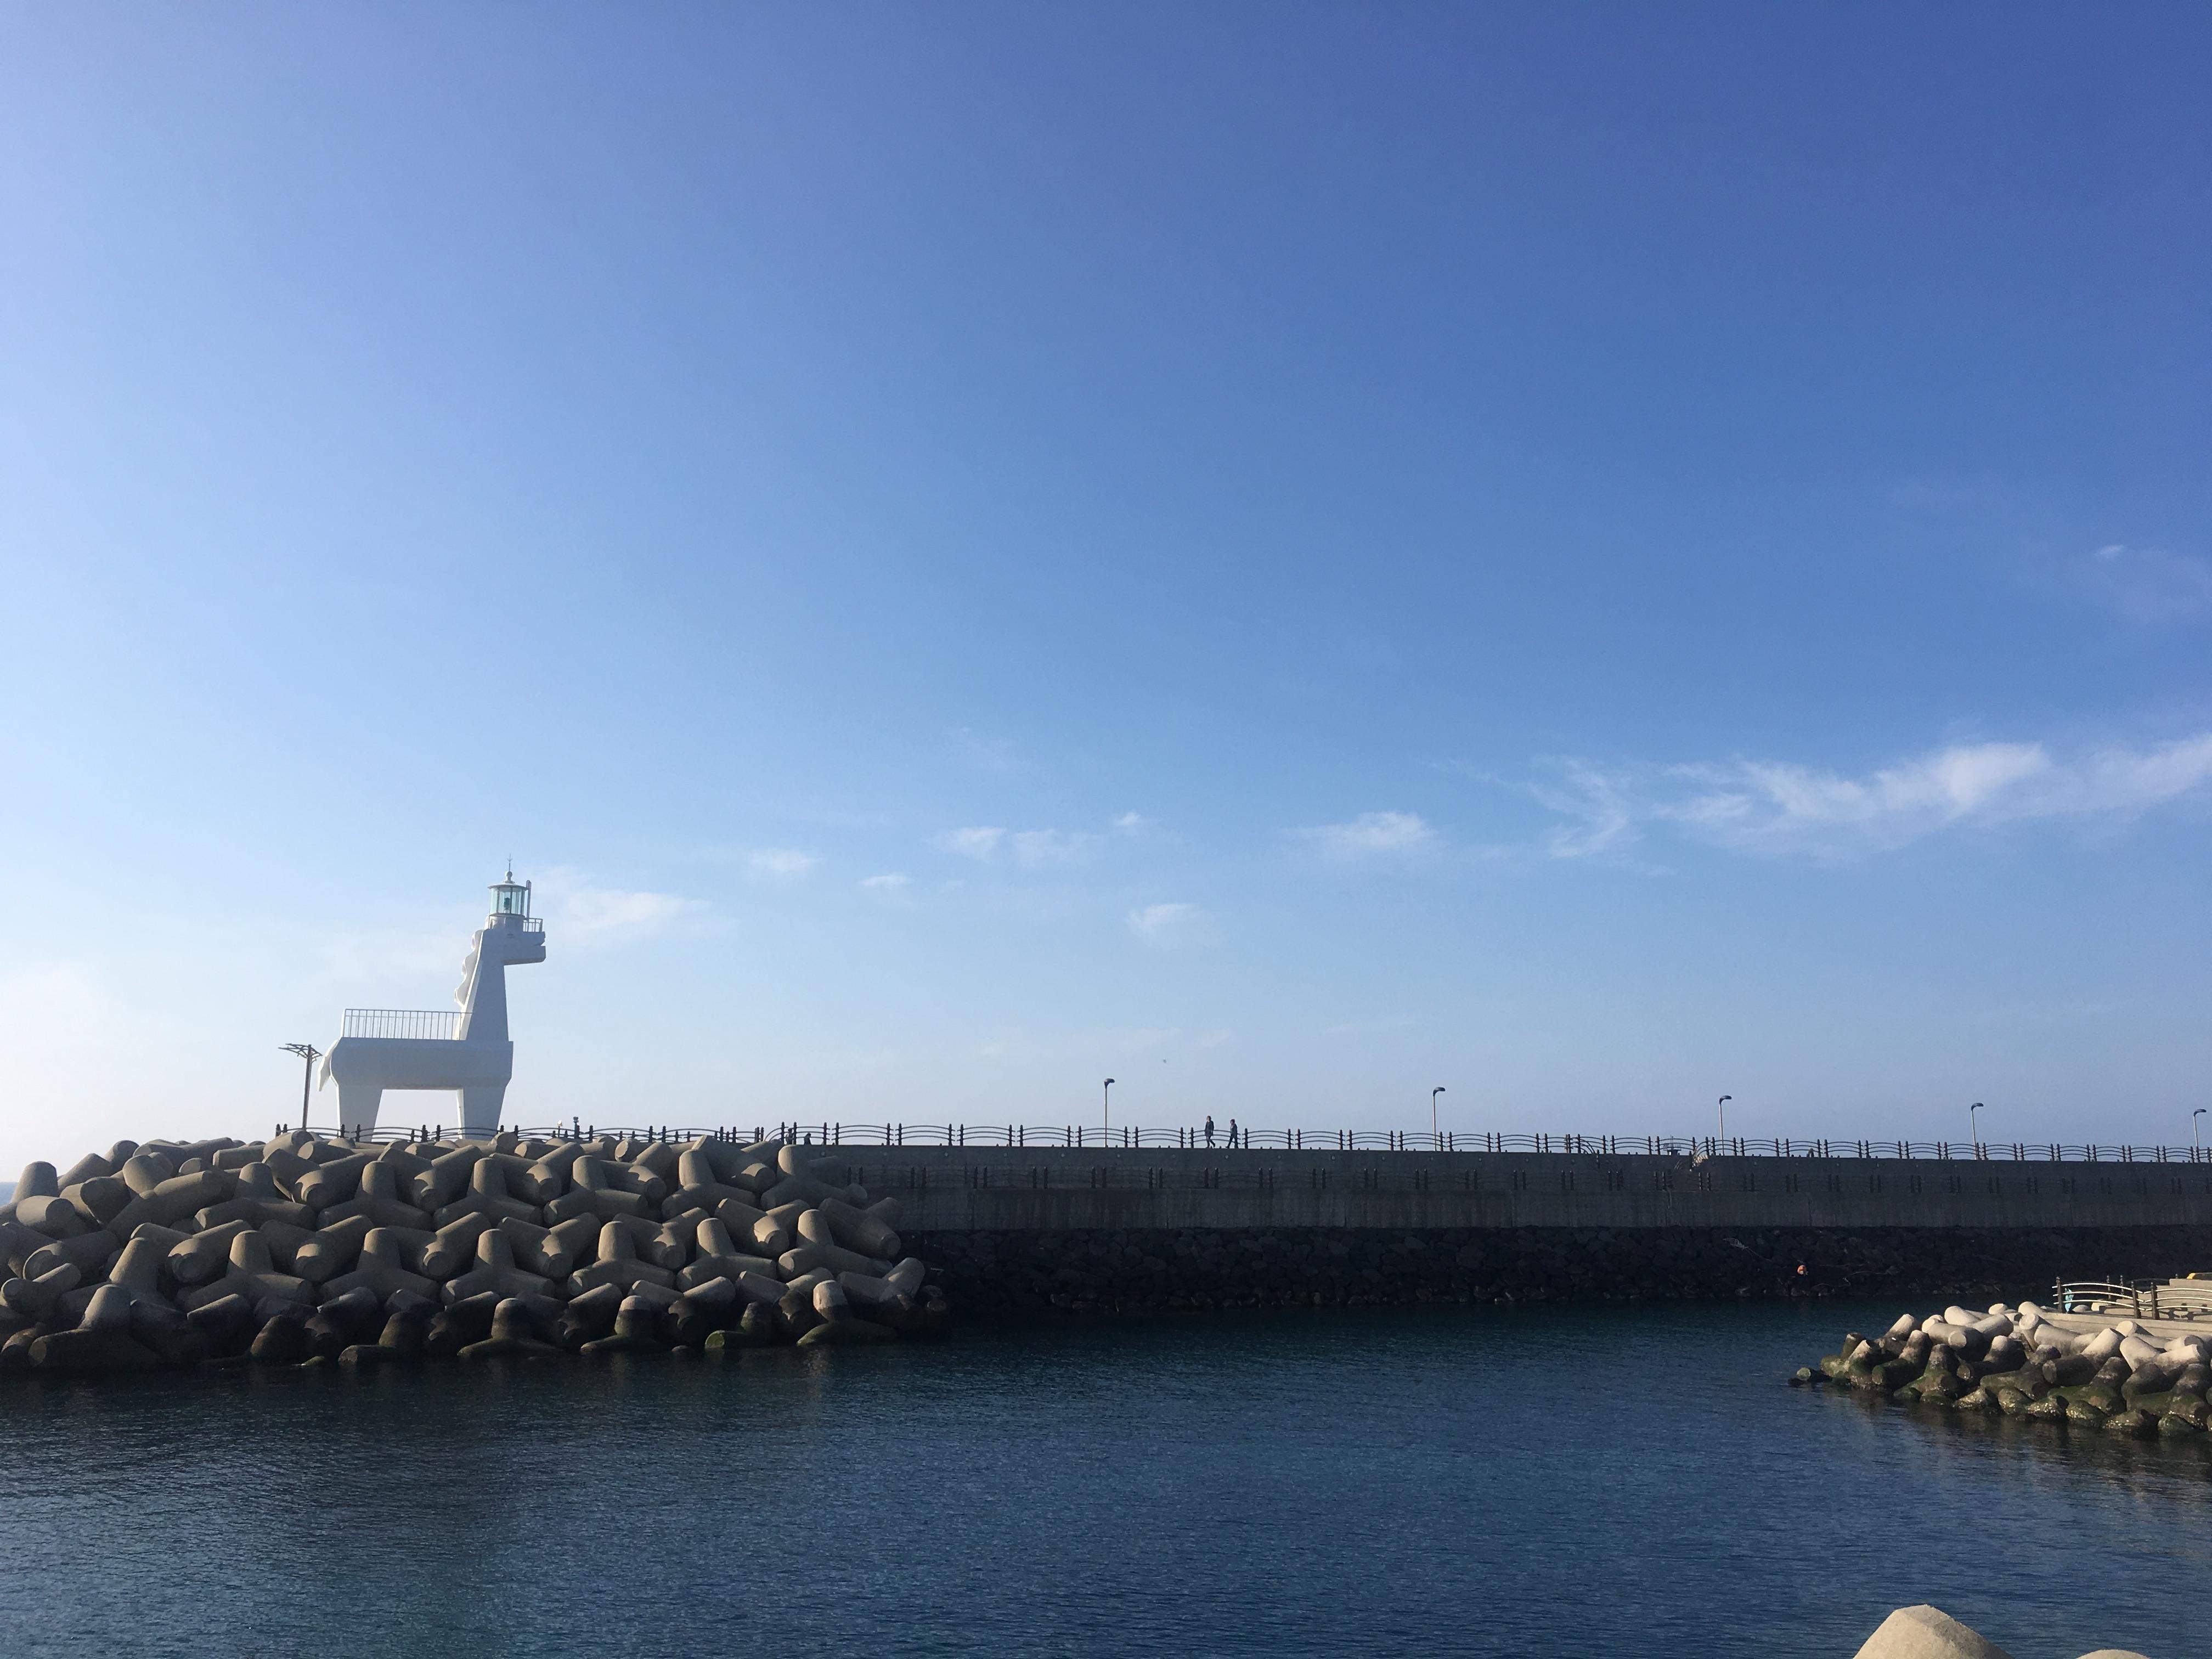 이호테우 해변의 트로이 목마 등대